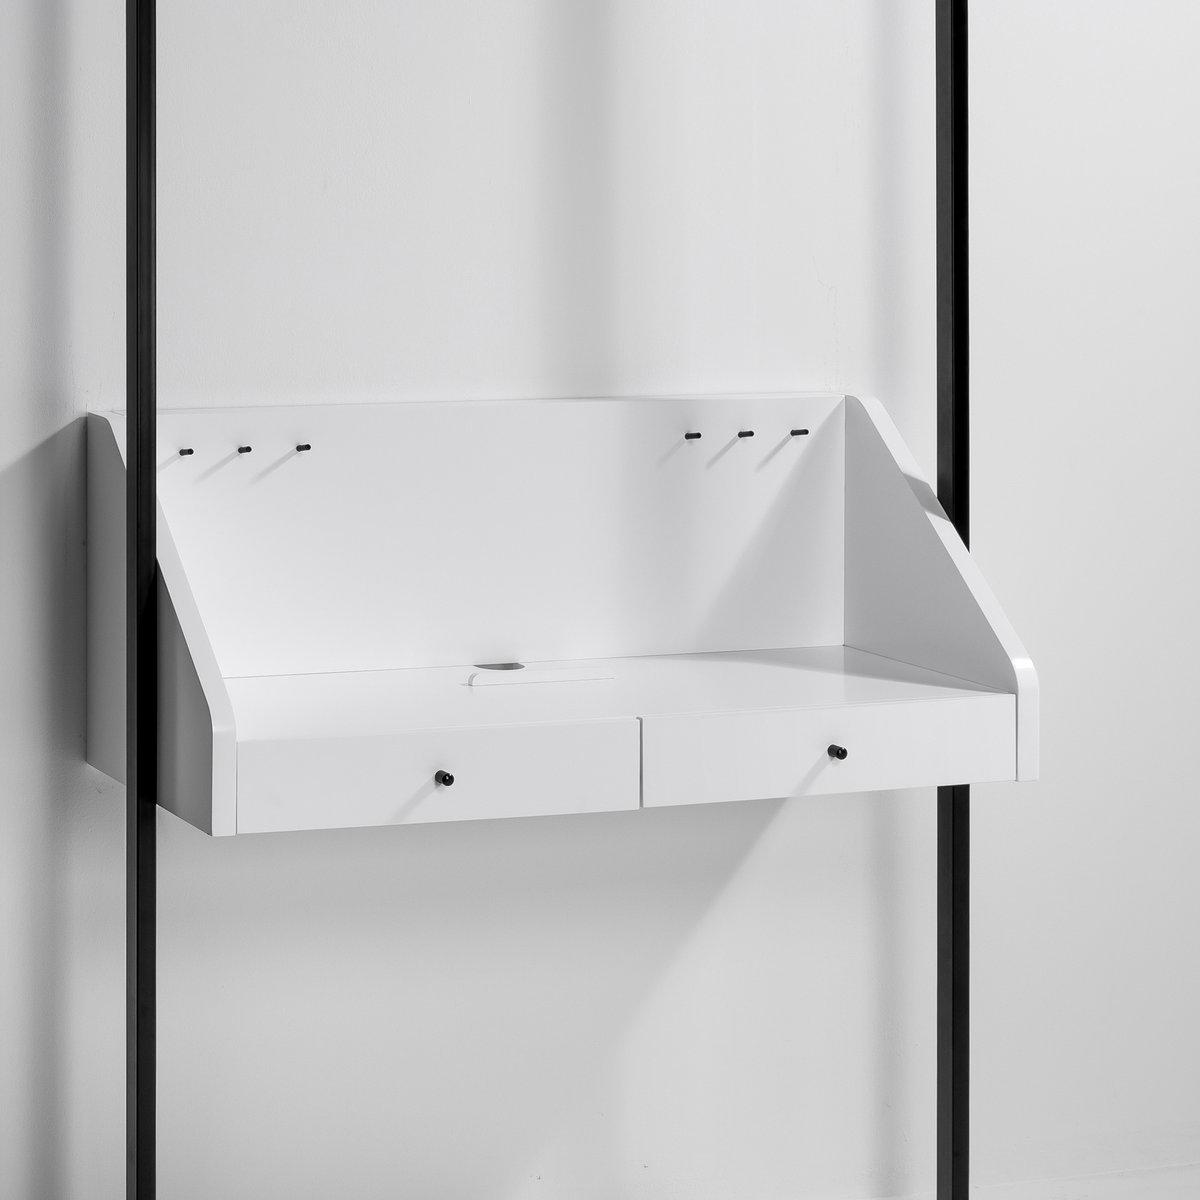 Трюмо Kyriel для гардеробнойТрюмо для размещения в гардеробной Kyriel. Гардеробная от Kyriel - это модулируемая при желании эстетичная и практичная мебельная система, созданная с учетом любых пространств и стилей . Характеристики : - МДФ, отделка полиуретановым лаком матового или блестящего цвета- Крепится на стену с помощью входящего в комплект крепления - Вы также можете закрепить трюмо на стойках Kyriel  с помощью уголковых кронштейнов Taktik, продающихся на нашем сайте .Размеры : - 110 x 45 x 45,5 см . Доставка:Доставка будет осуществлена до вашей квартиры  ! Внимание ! Убедитесь, что товар возможно доставить на дом, учитывая его габариты (проходит в двери, по лестницам, в лифты).<br><br>Цвет: белый,ореховый,черный